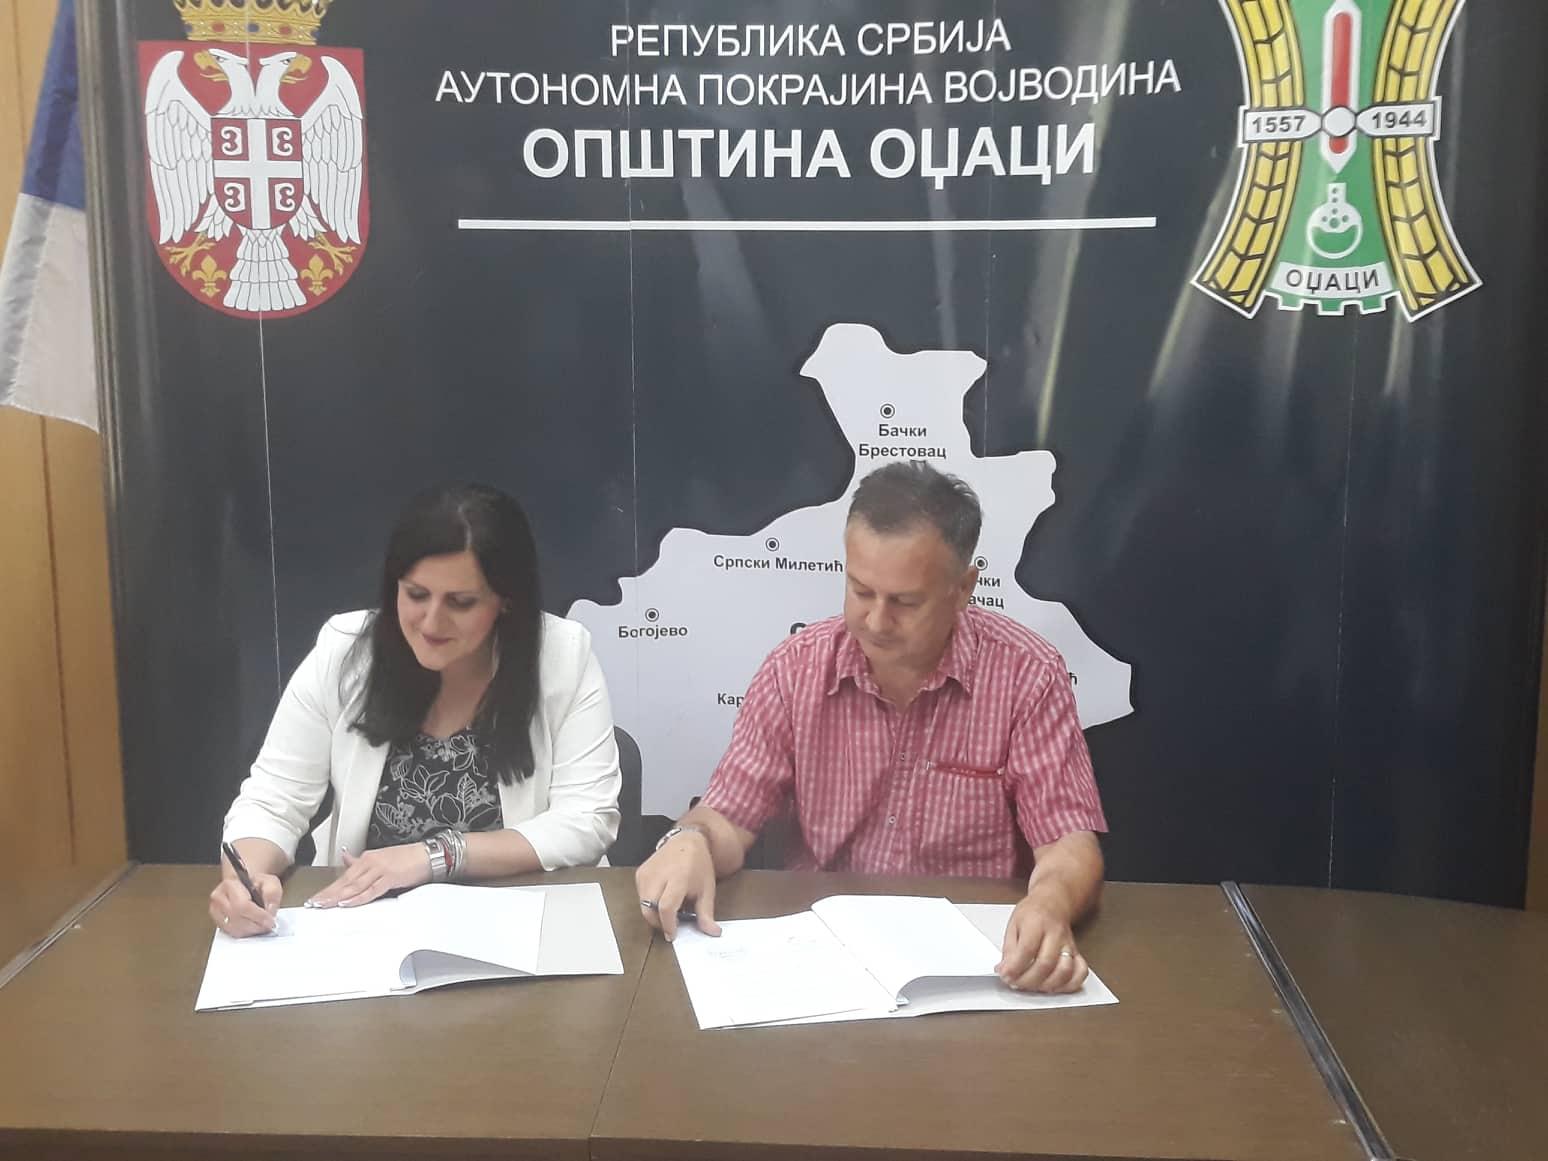 Општина Оџаци и Меteor commerc потписали Уговор о поклону